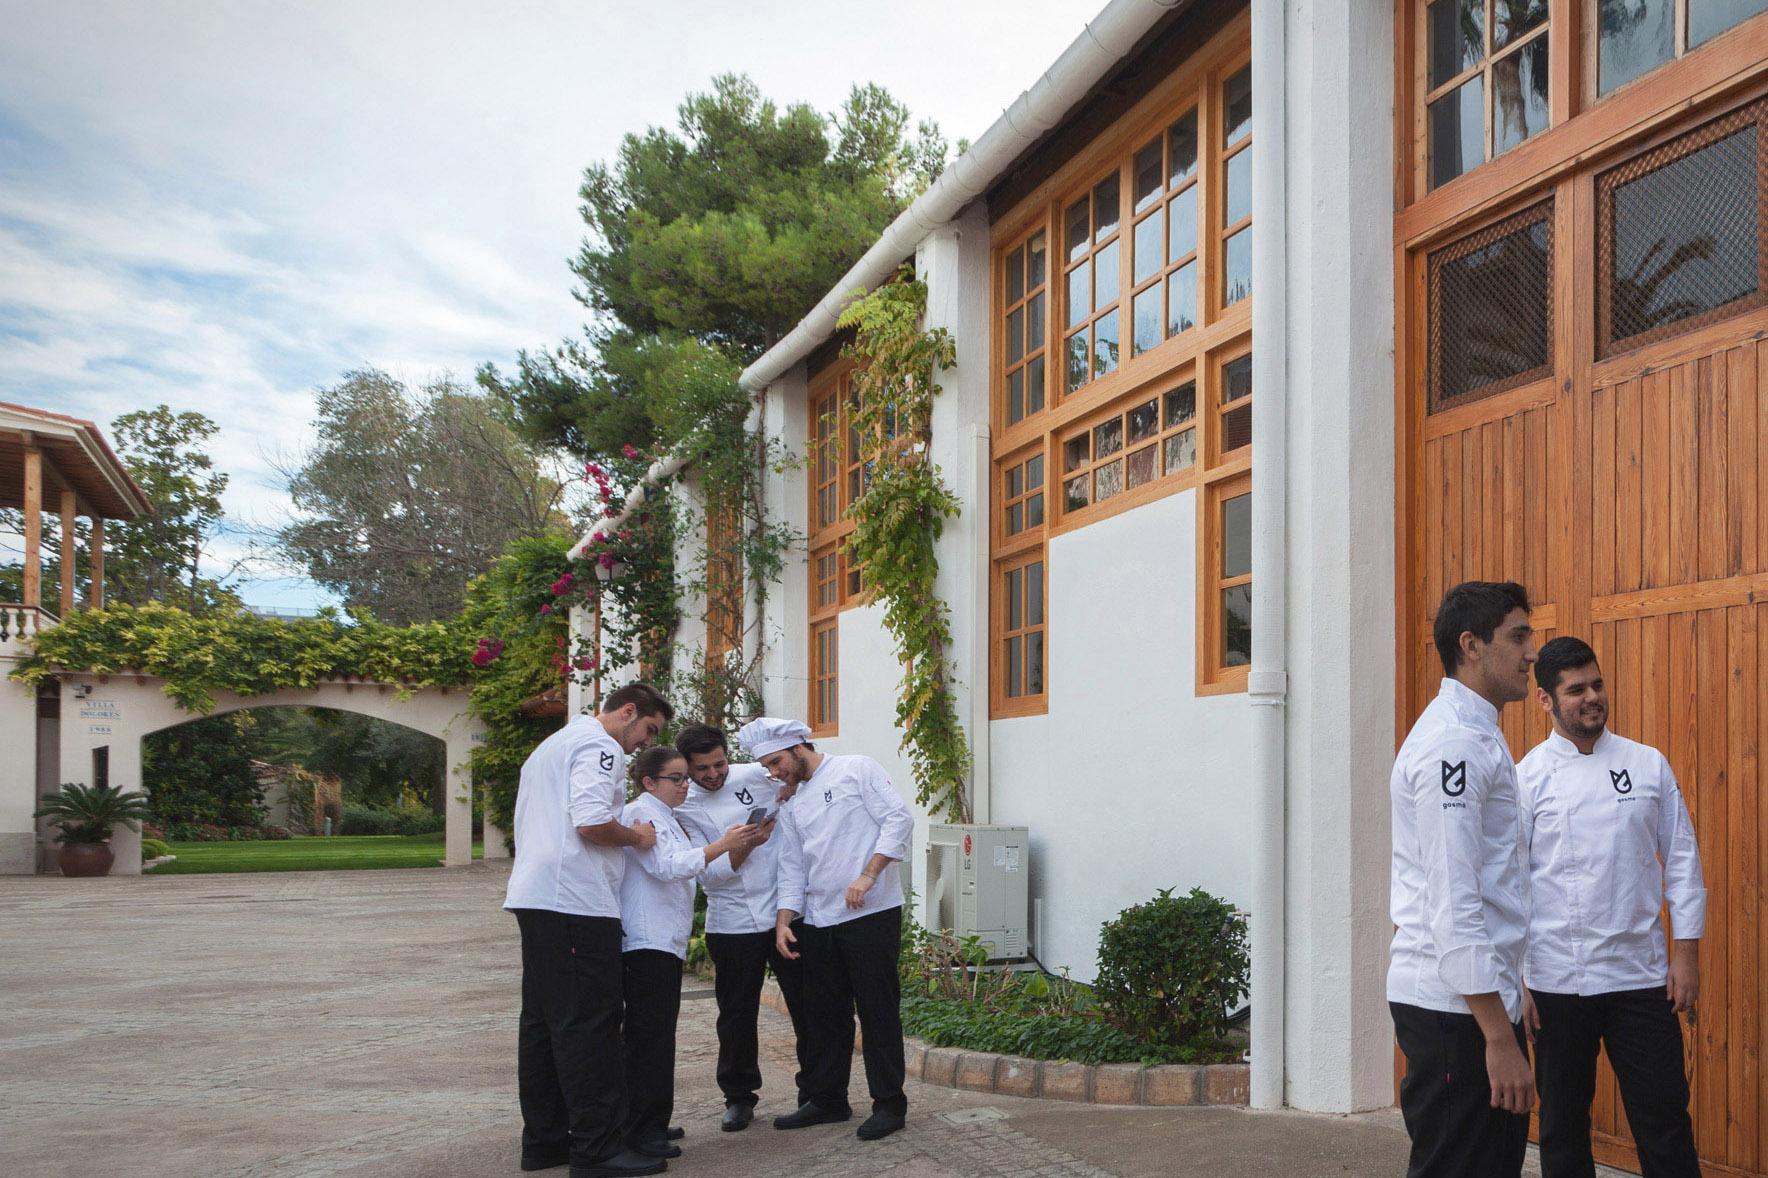 Кампус GASMA расположен на Вилла Долорес, где созданы все условия для обучения гастрономическим премудростям